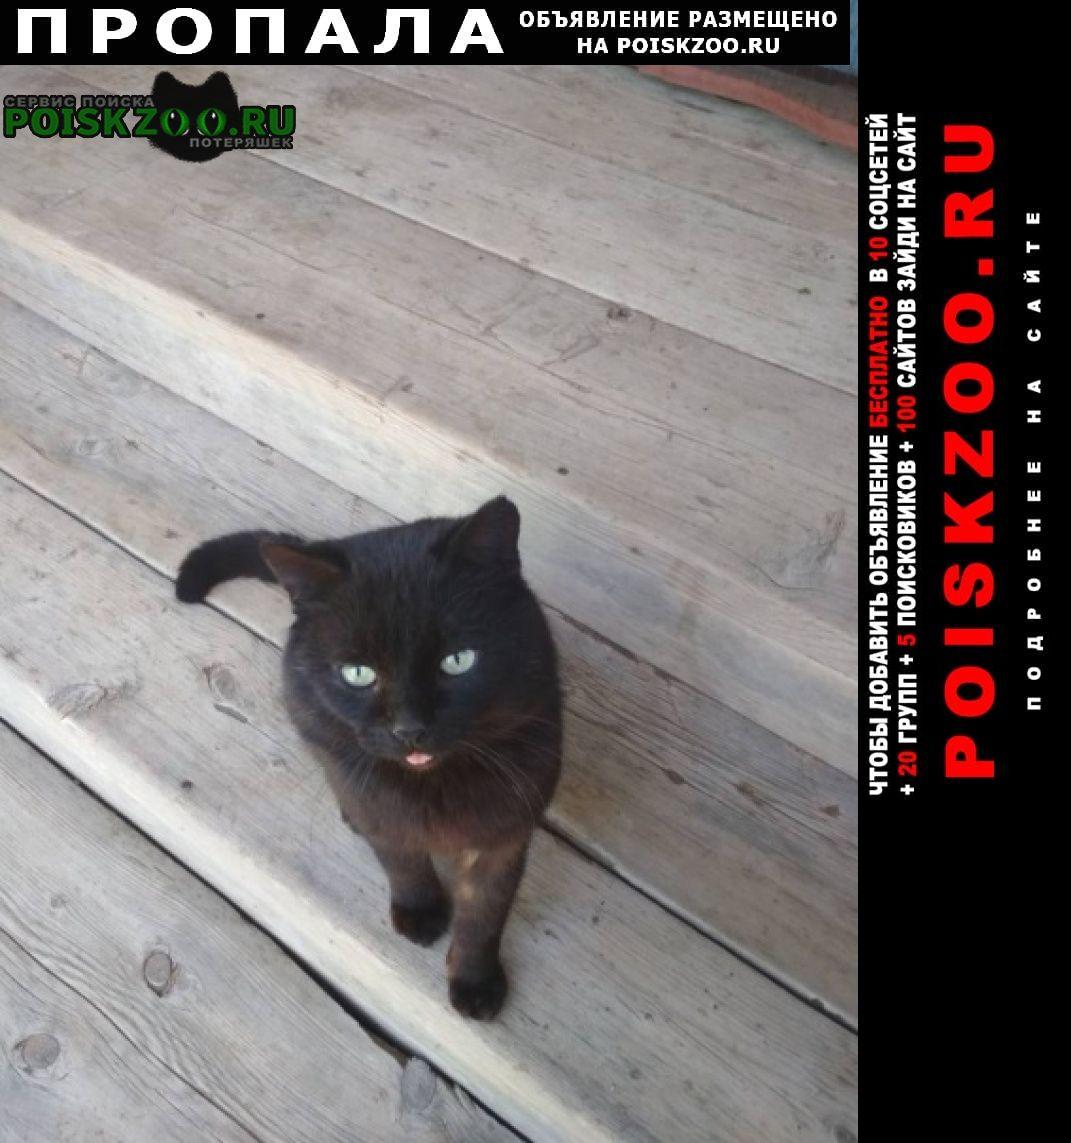 Пропал кот Иловля